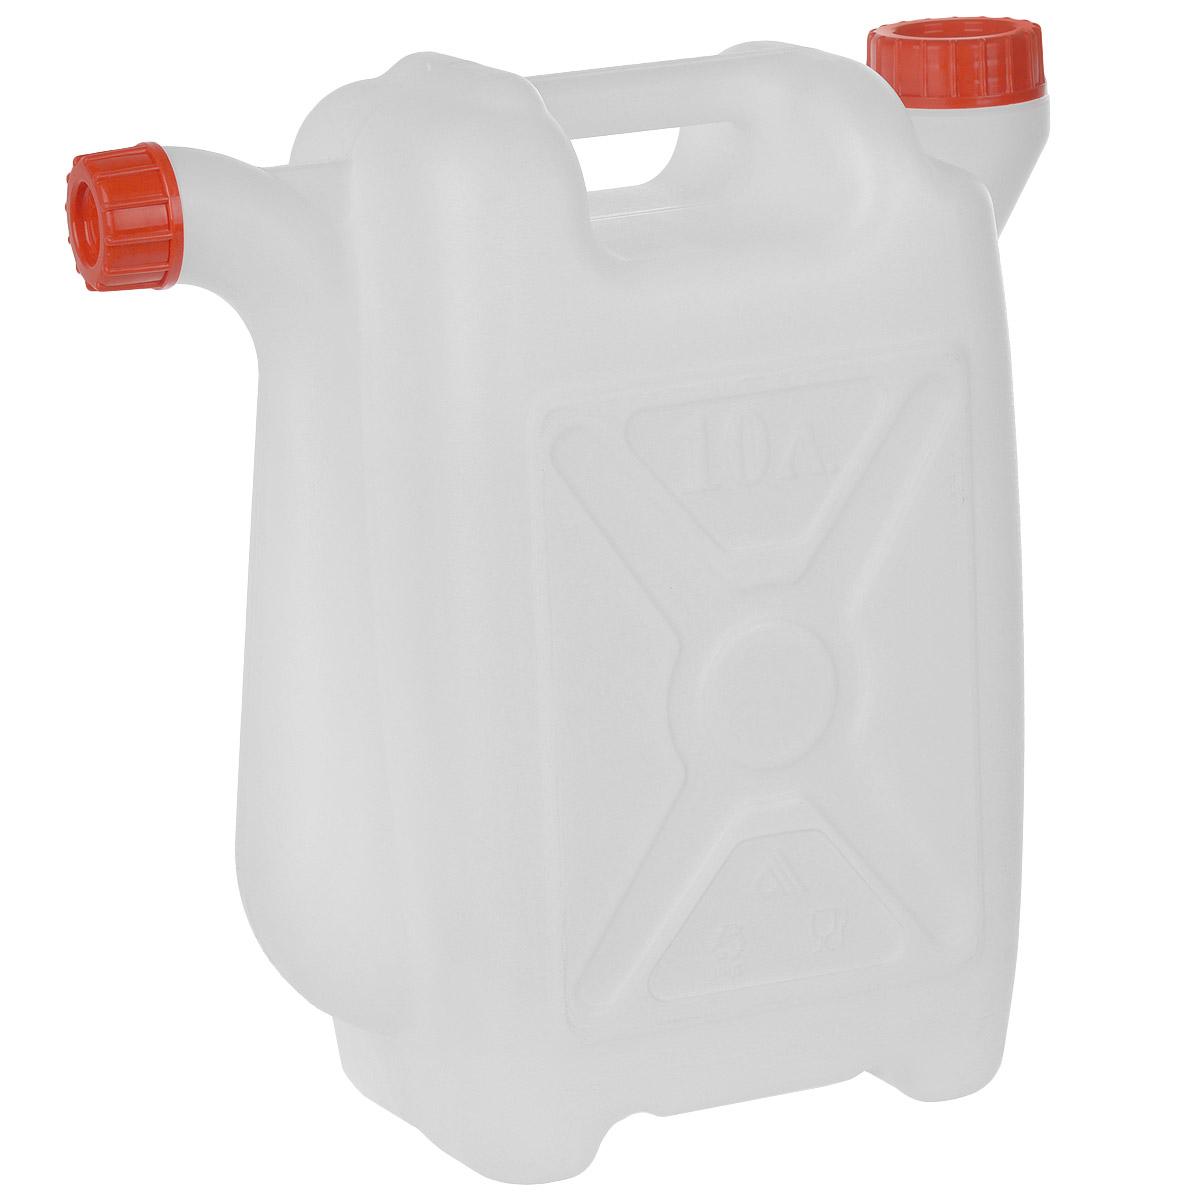 Канистра со сливом Альтернатива, 10 лМ049Канистра Альтернатива на 10 литров, изготовленная из прочного пластика, несомненно, пригодится вам во время путешествия. Предназначена для переноски и хранения различных жидкостей. Канистра оснащена сливом. Диаметр горла: 3,7 см.